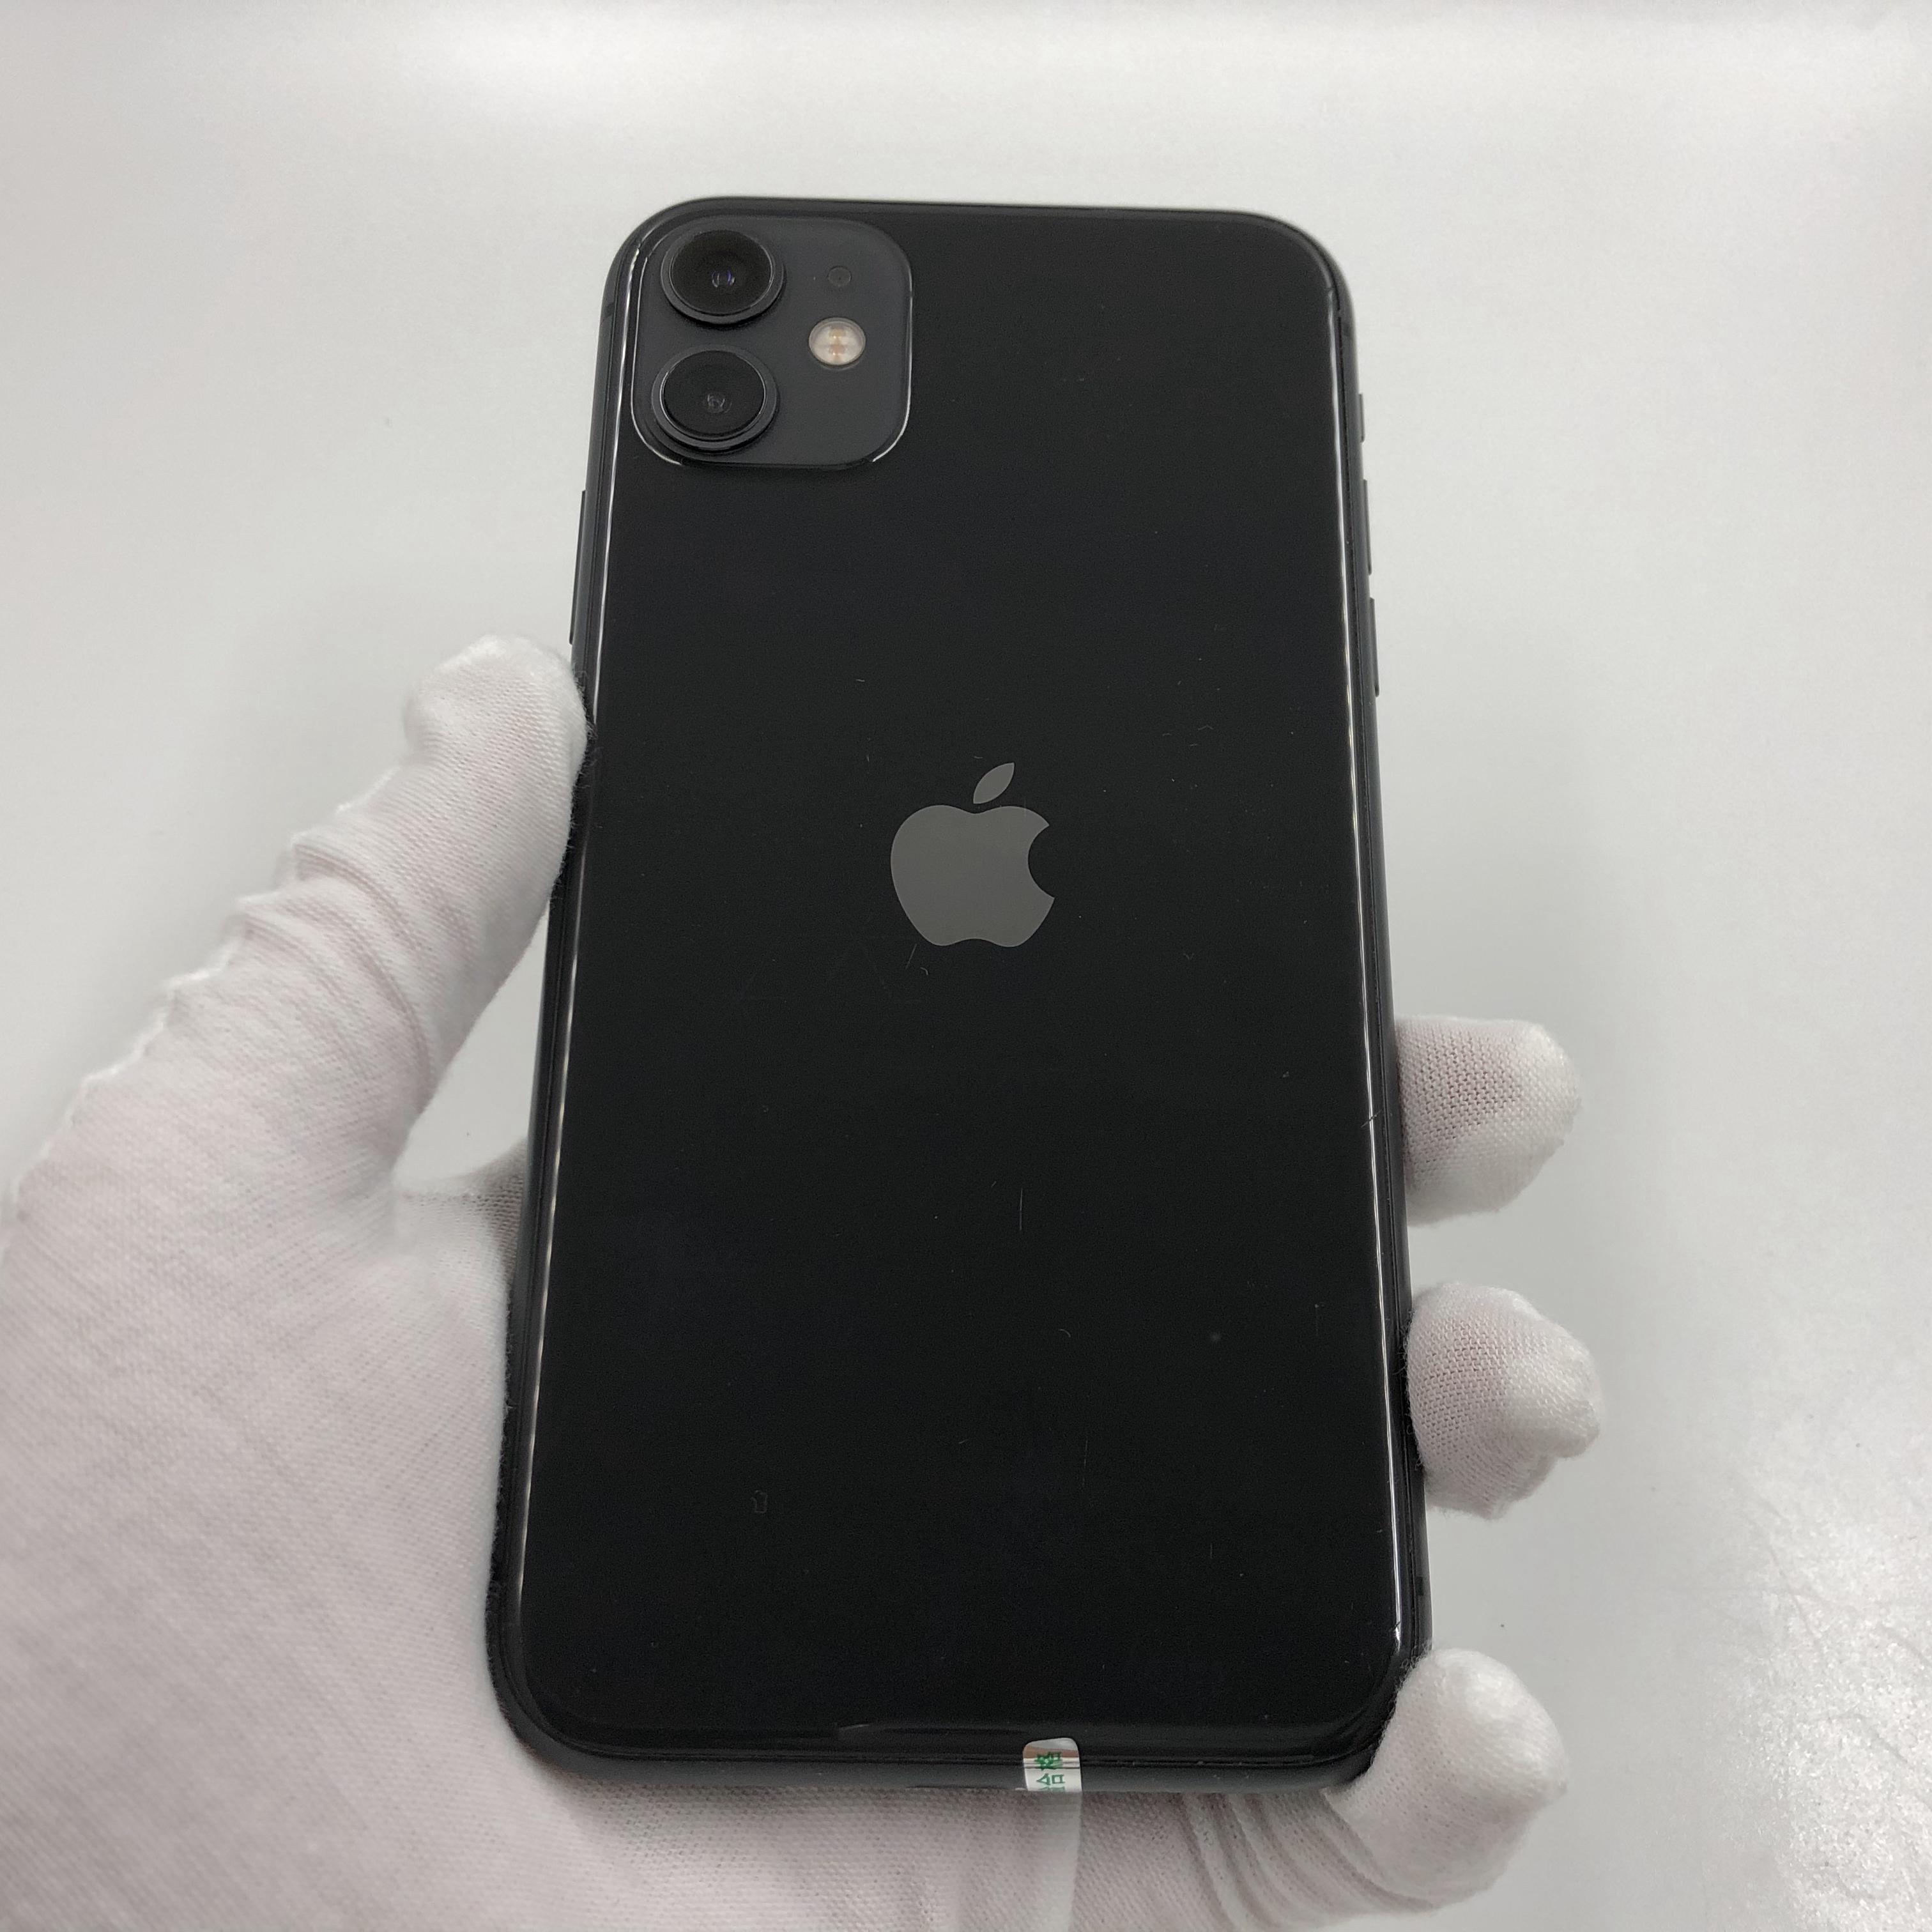 苹果【iPhone 11】4G全网通 黑色 64G 国行 9成新 真机实拍